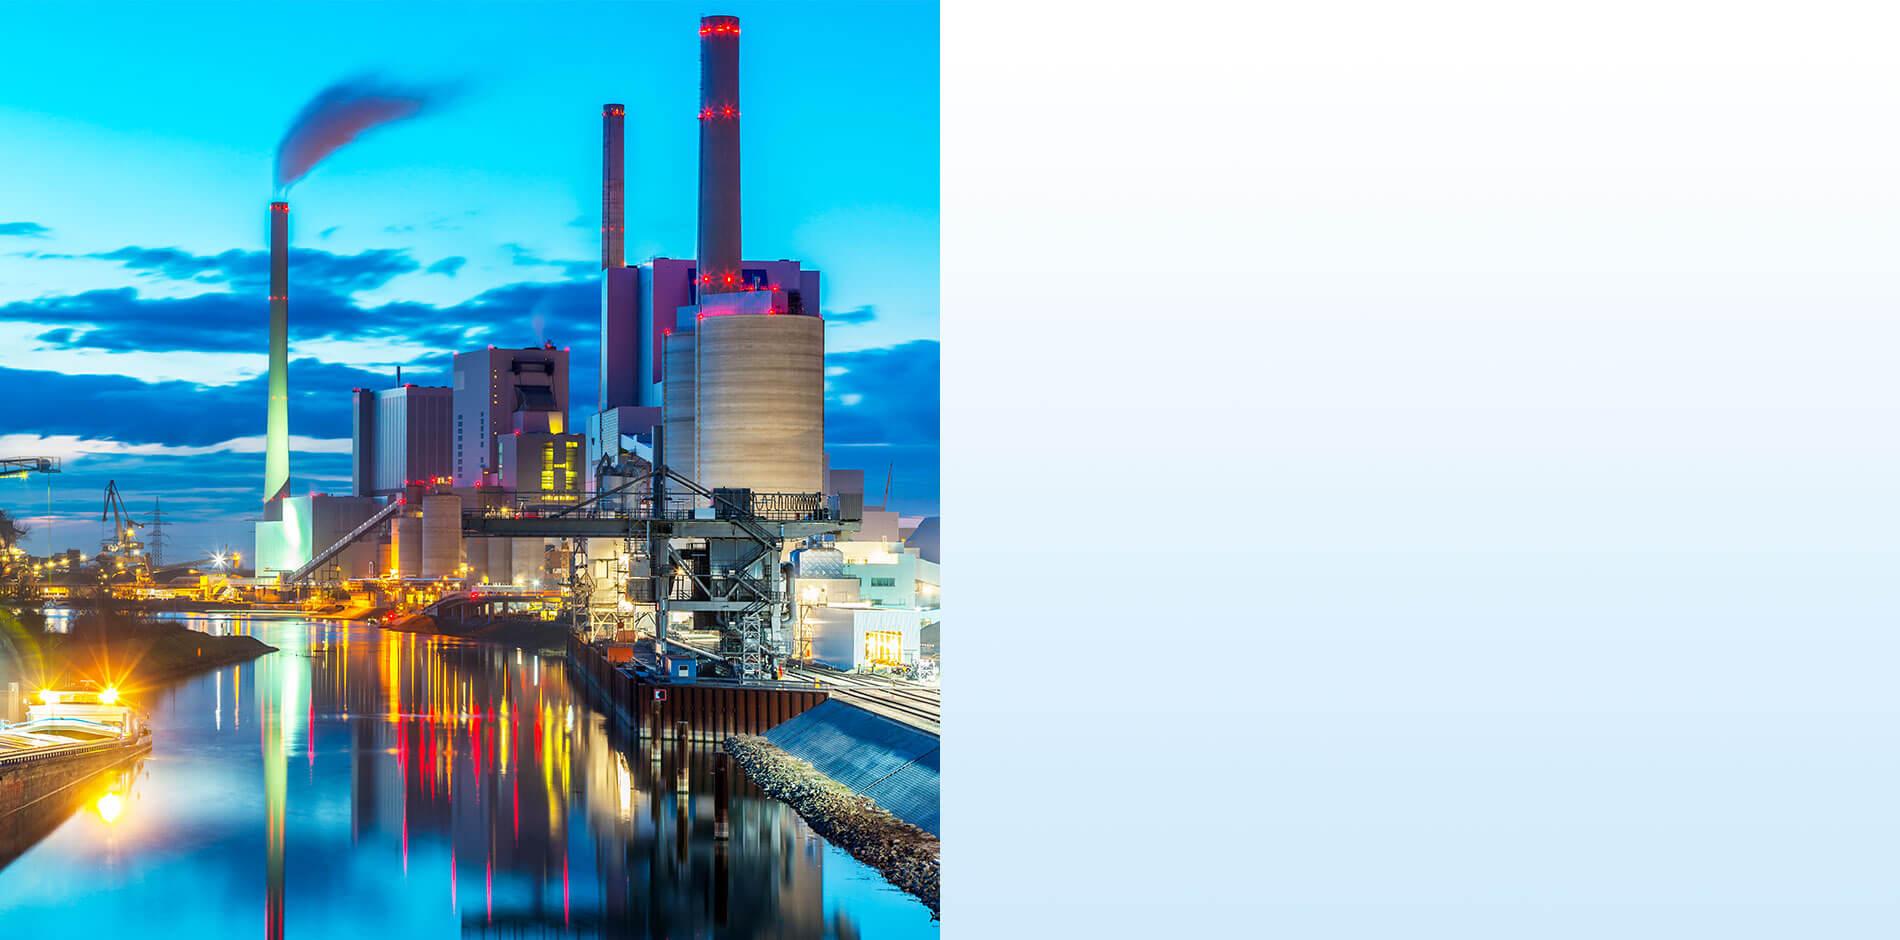 الكفاءة في الطاقة والمياه: محطات توليد الطاقة والصناعة